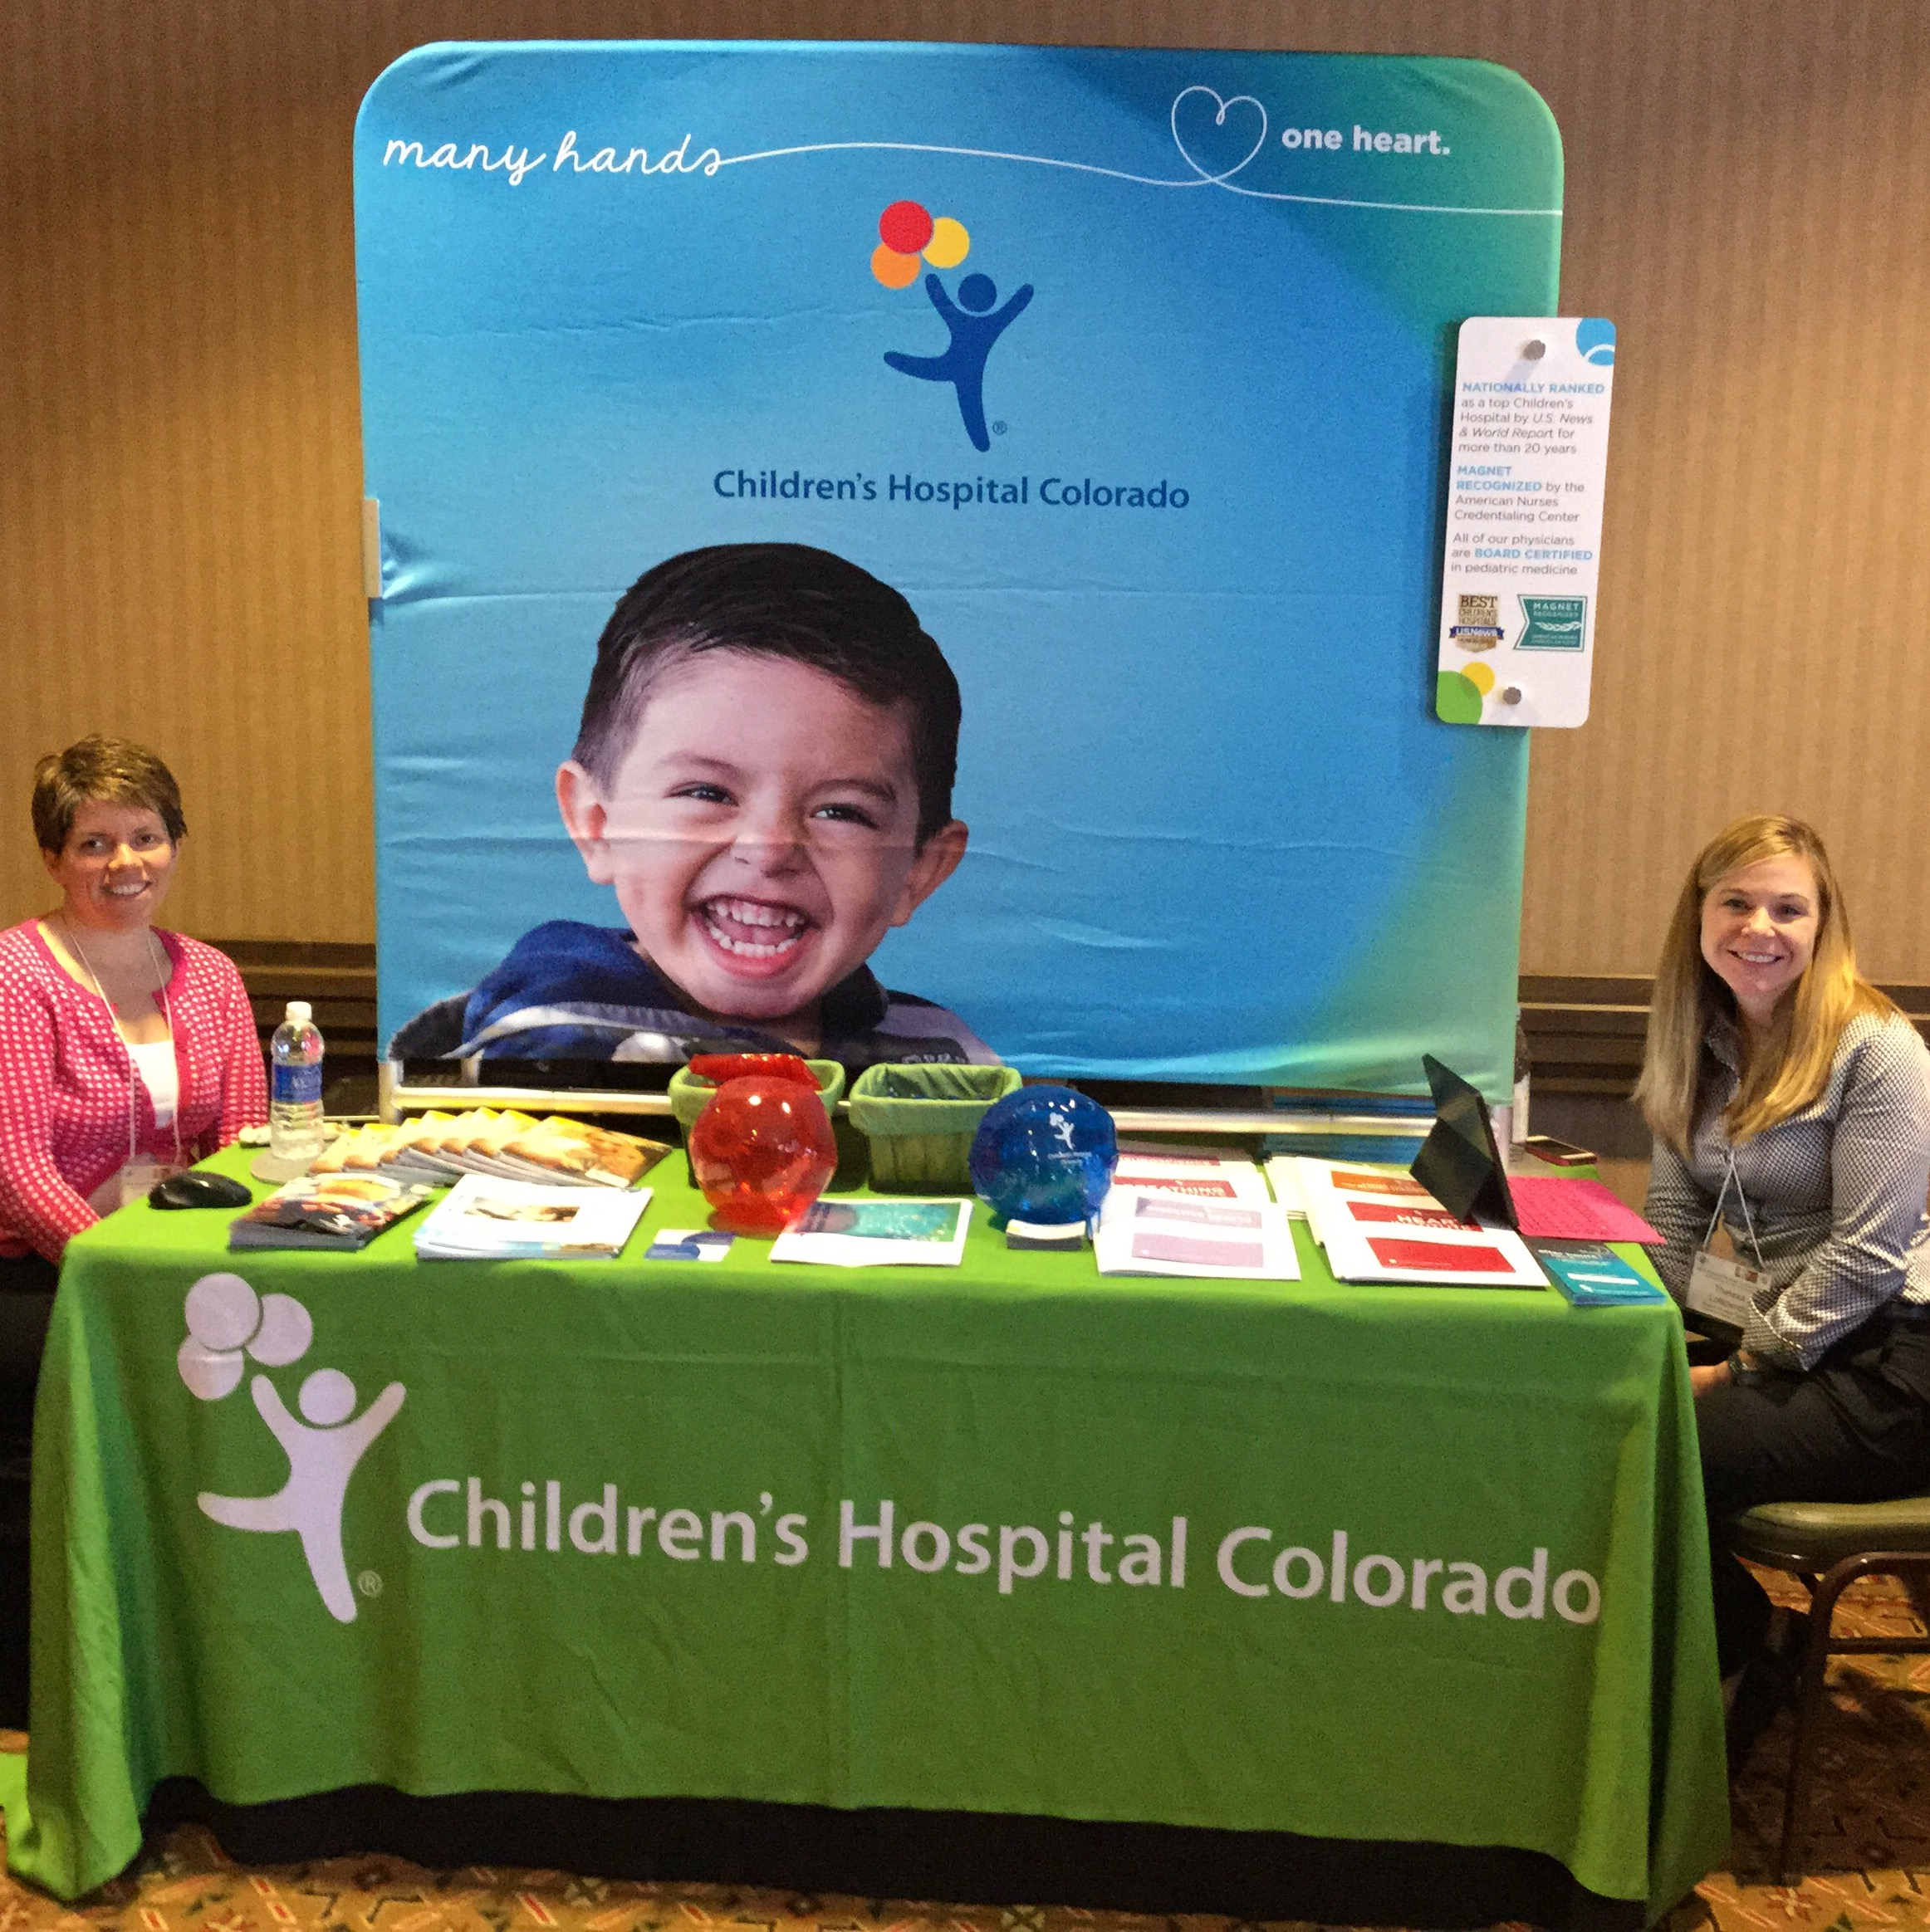 Childrens Hospital of Colorado